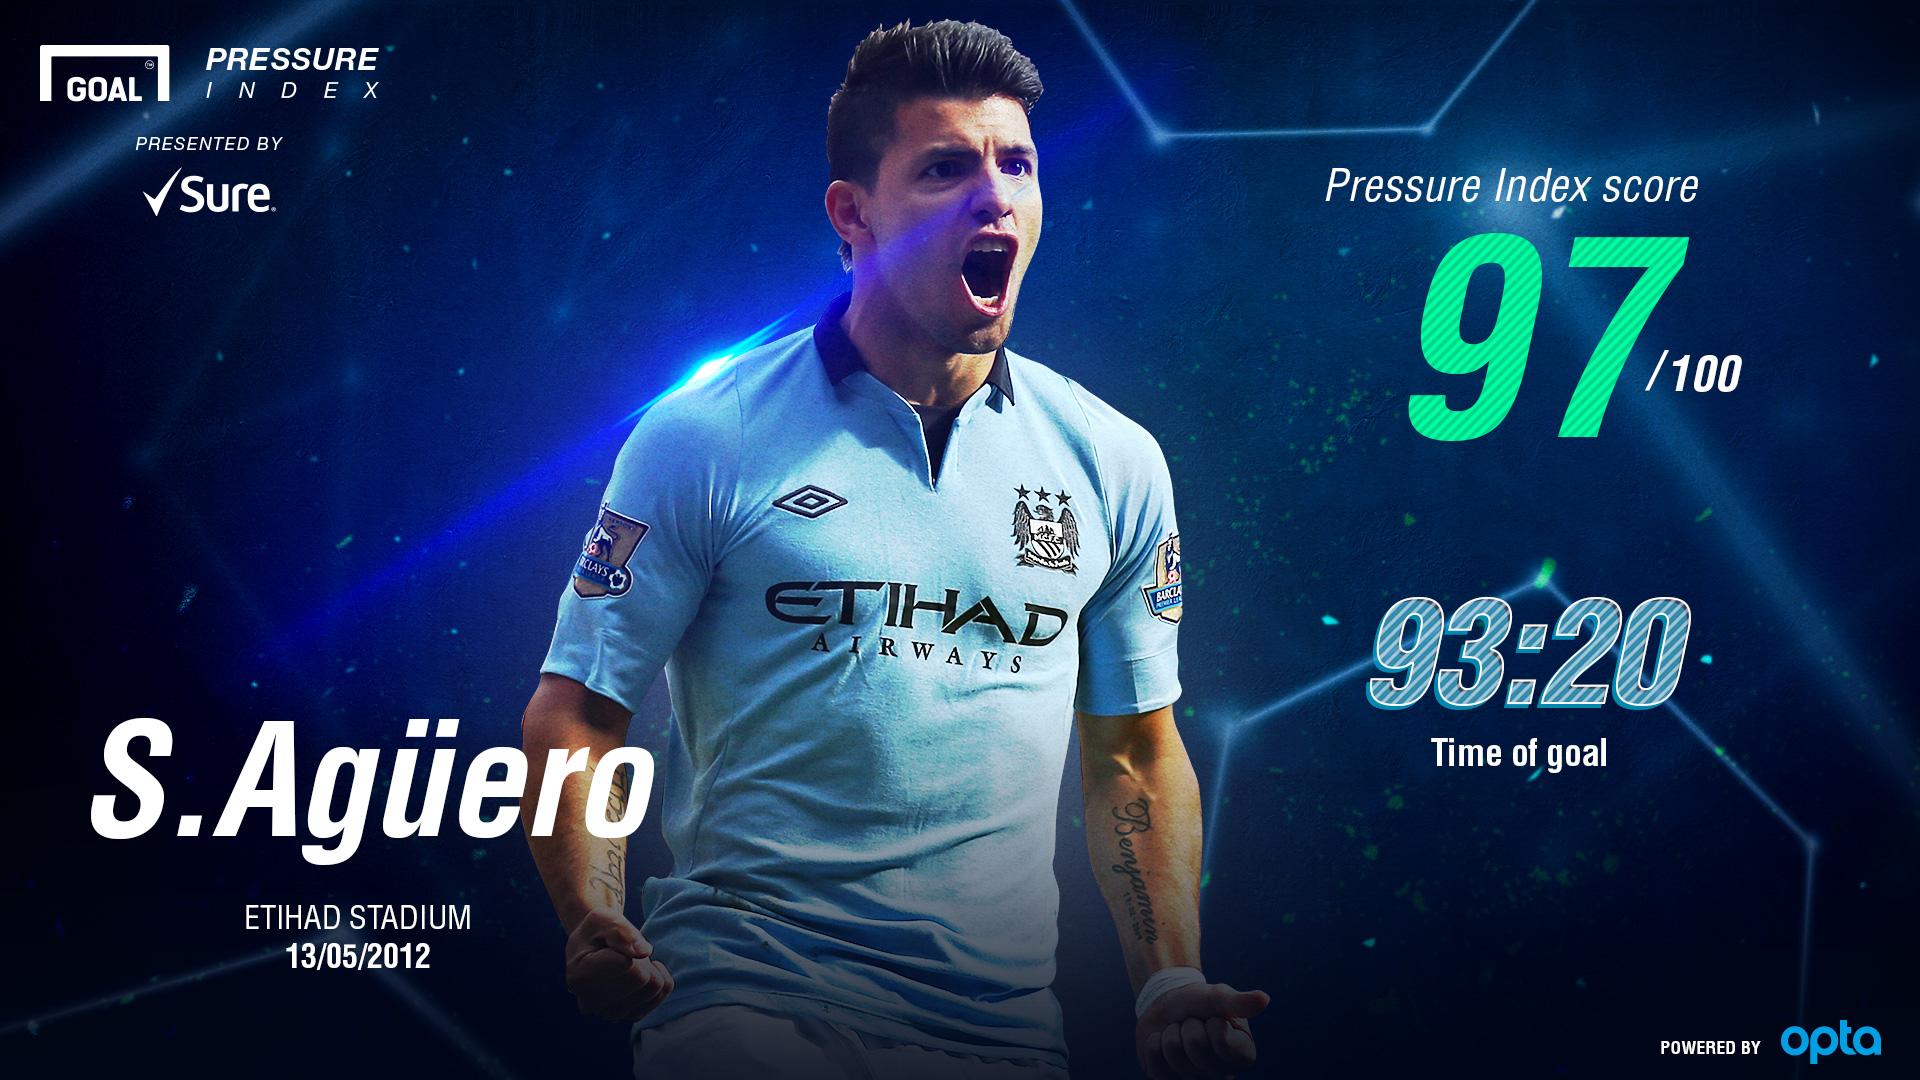 Aguero Pressure Index